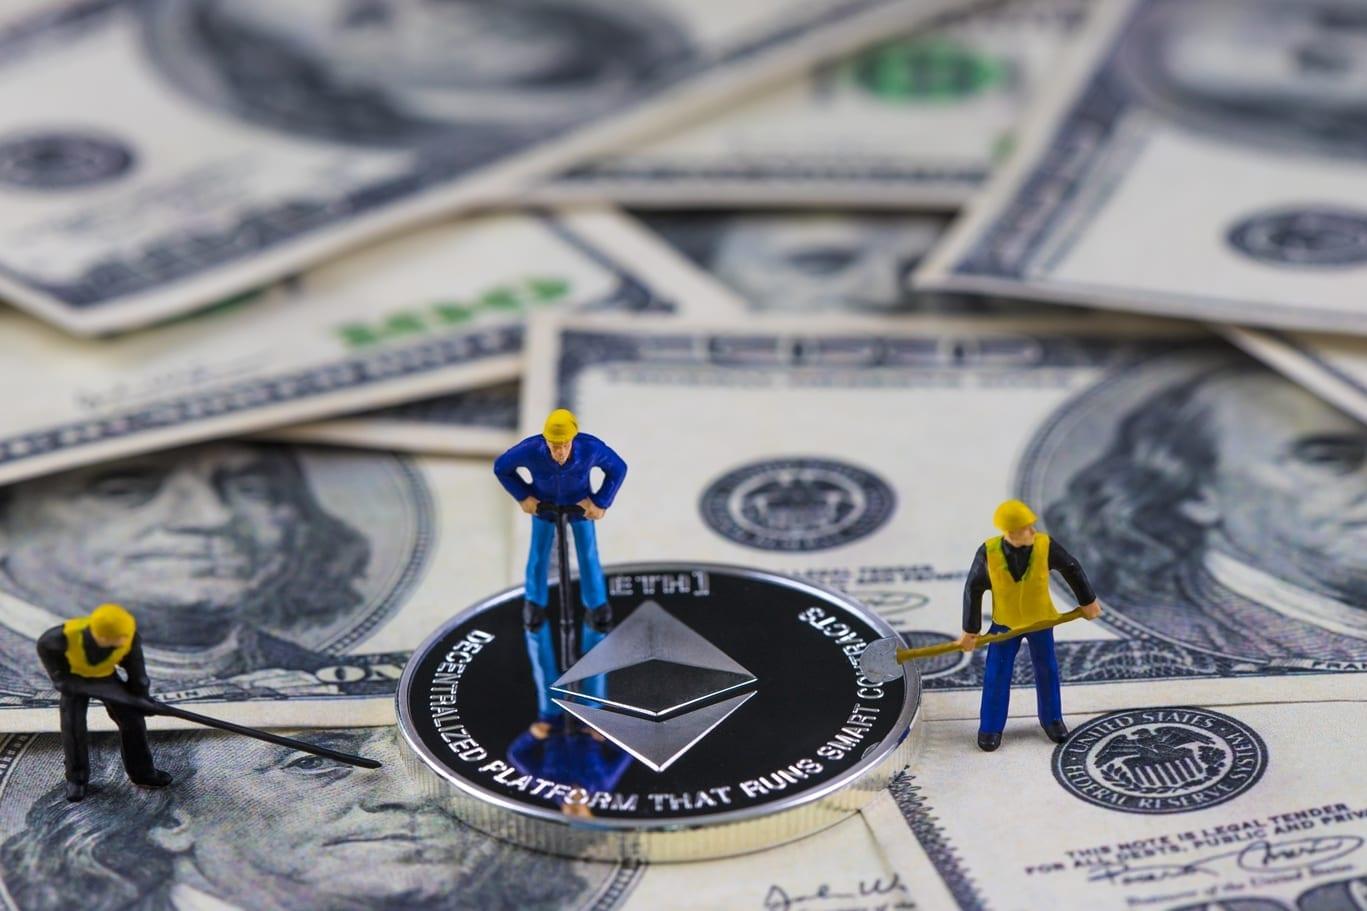 Apprenez comment profiter duBinance Mining Poolpour le minage d'Ethereum. Tutoriel Binance Pool exploitation minière Ethereum (ETHASH).